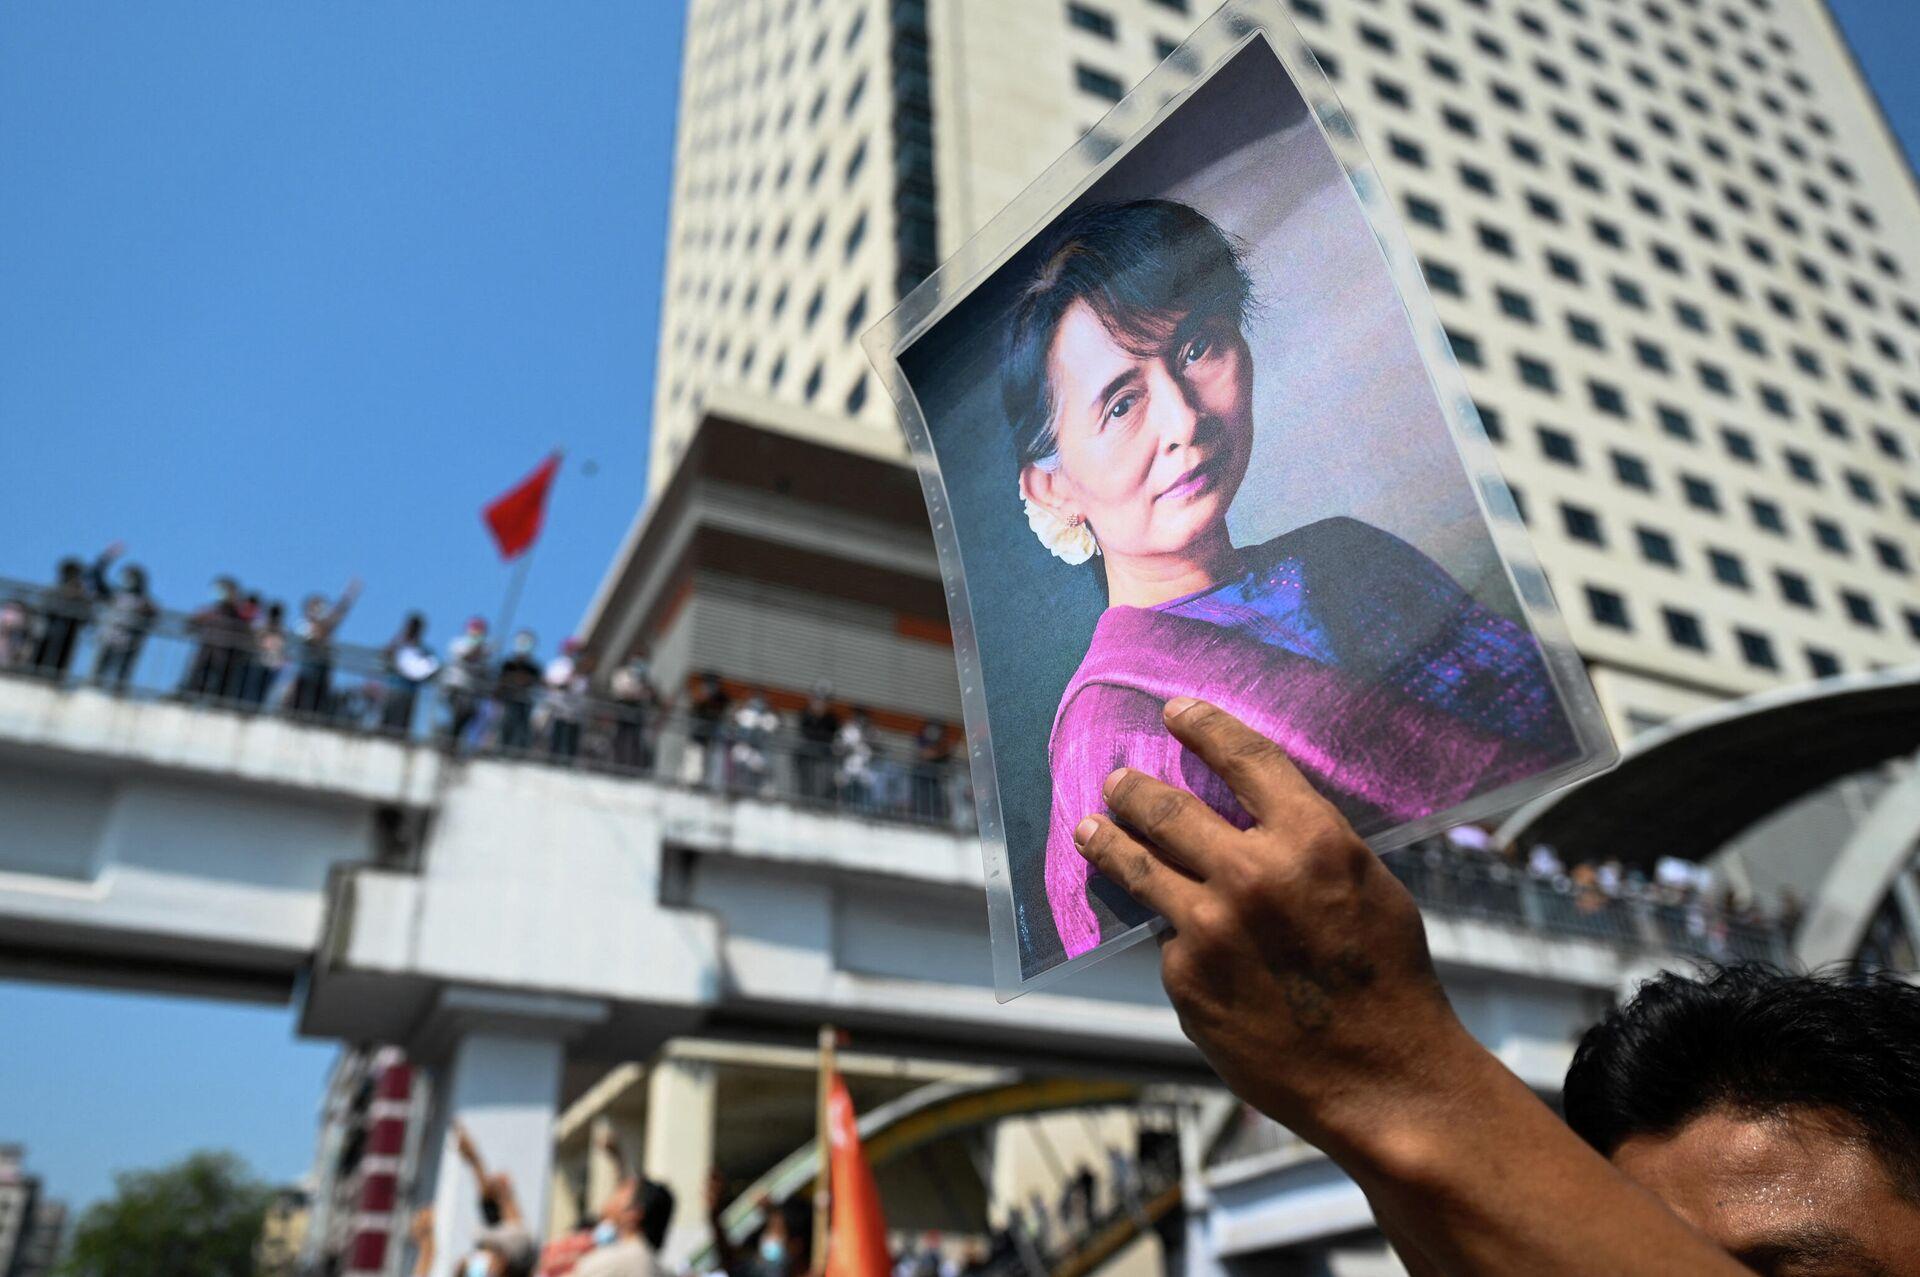 Протестующий держит портрет Аун Сан Су Чжи во время акции протеста против военного переворота в Янгоне, Мьянма - РИА Новости, 1920, 22.04.2021